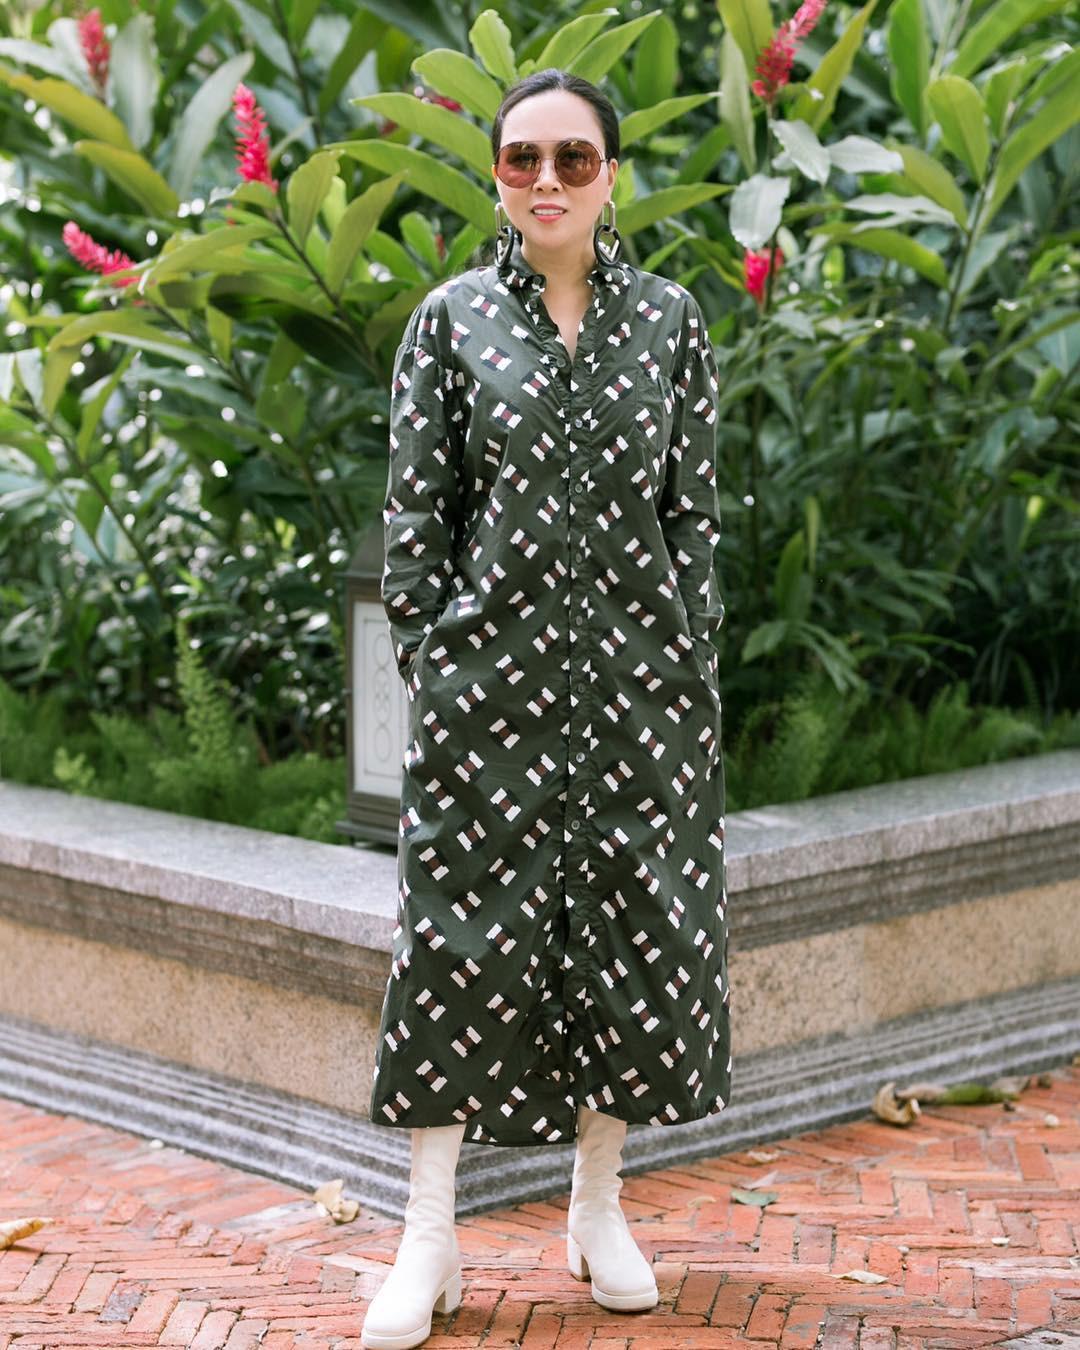 4 lý do khiến Phượng Chanel thường xuyên mix đồ tréo ngoe, chị em công sở nhớ kỹ để tránh mặc xấu-13